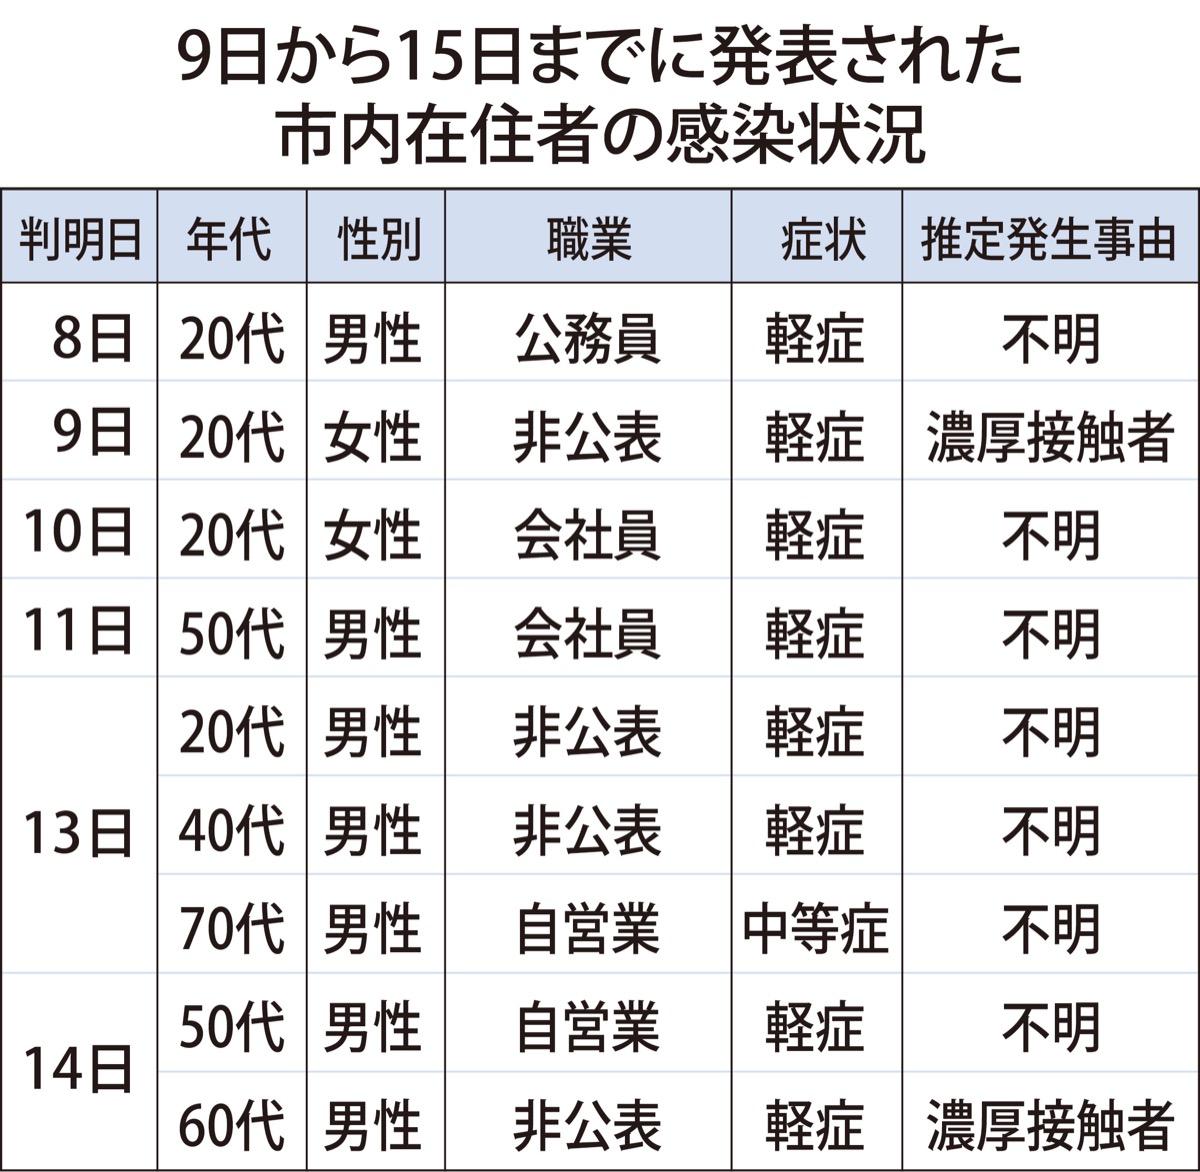 三浦 市 コロナ 感染 者 数